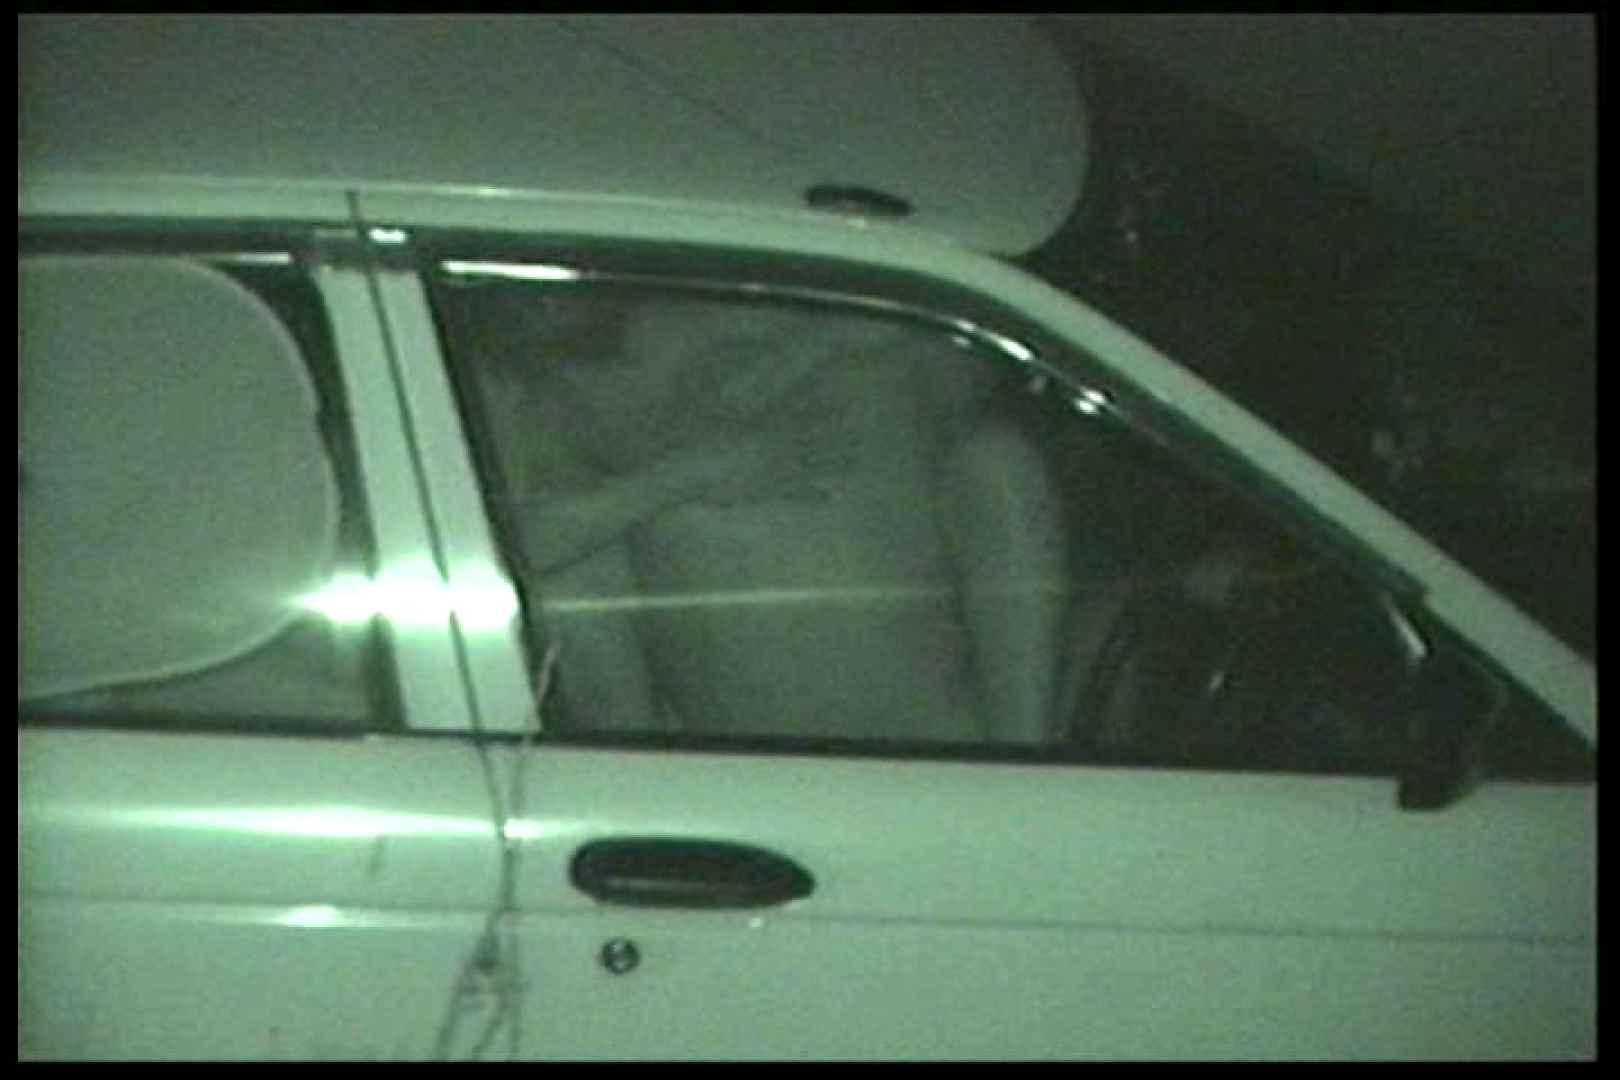 車の中はラブホテル 無修正版  Vol.15 赤外線 SEX無修正画像 73連発 5